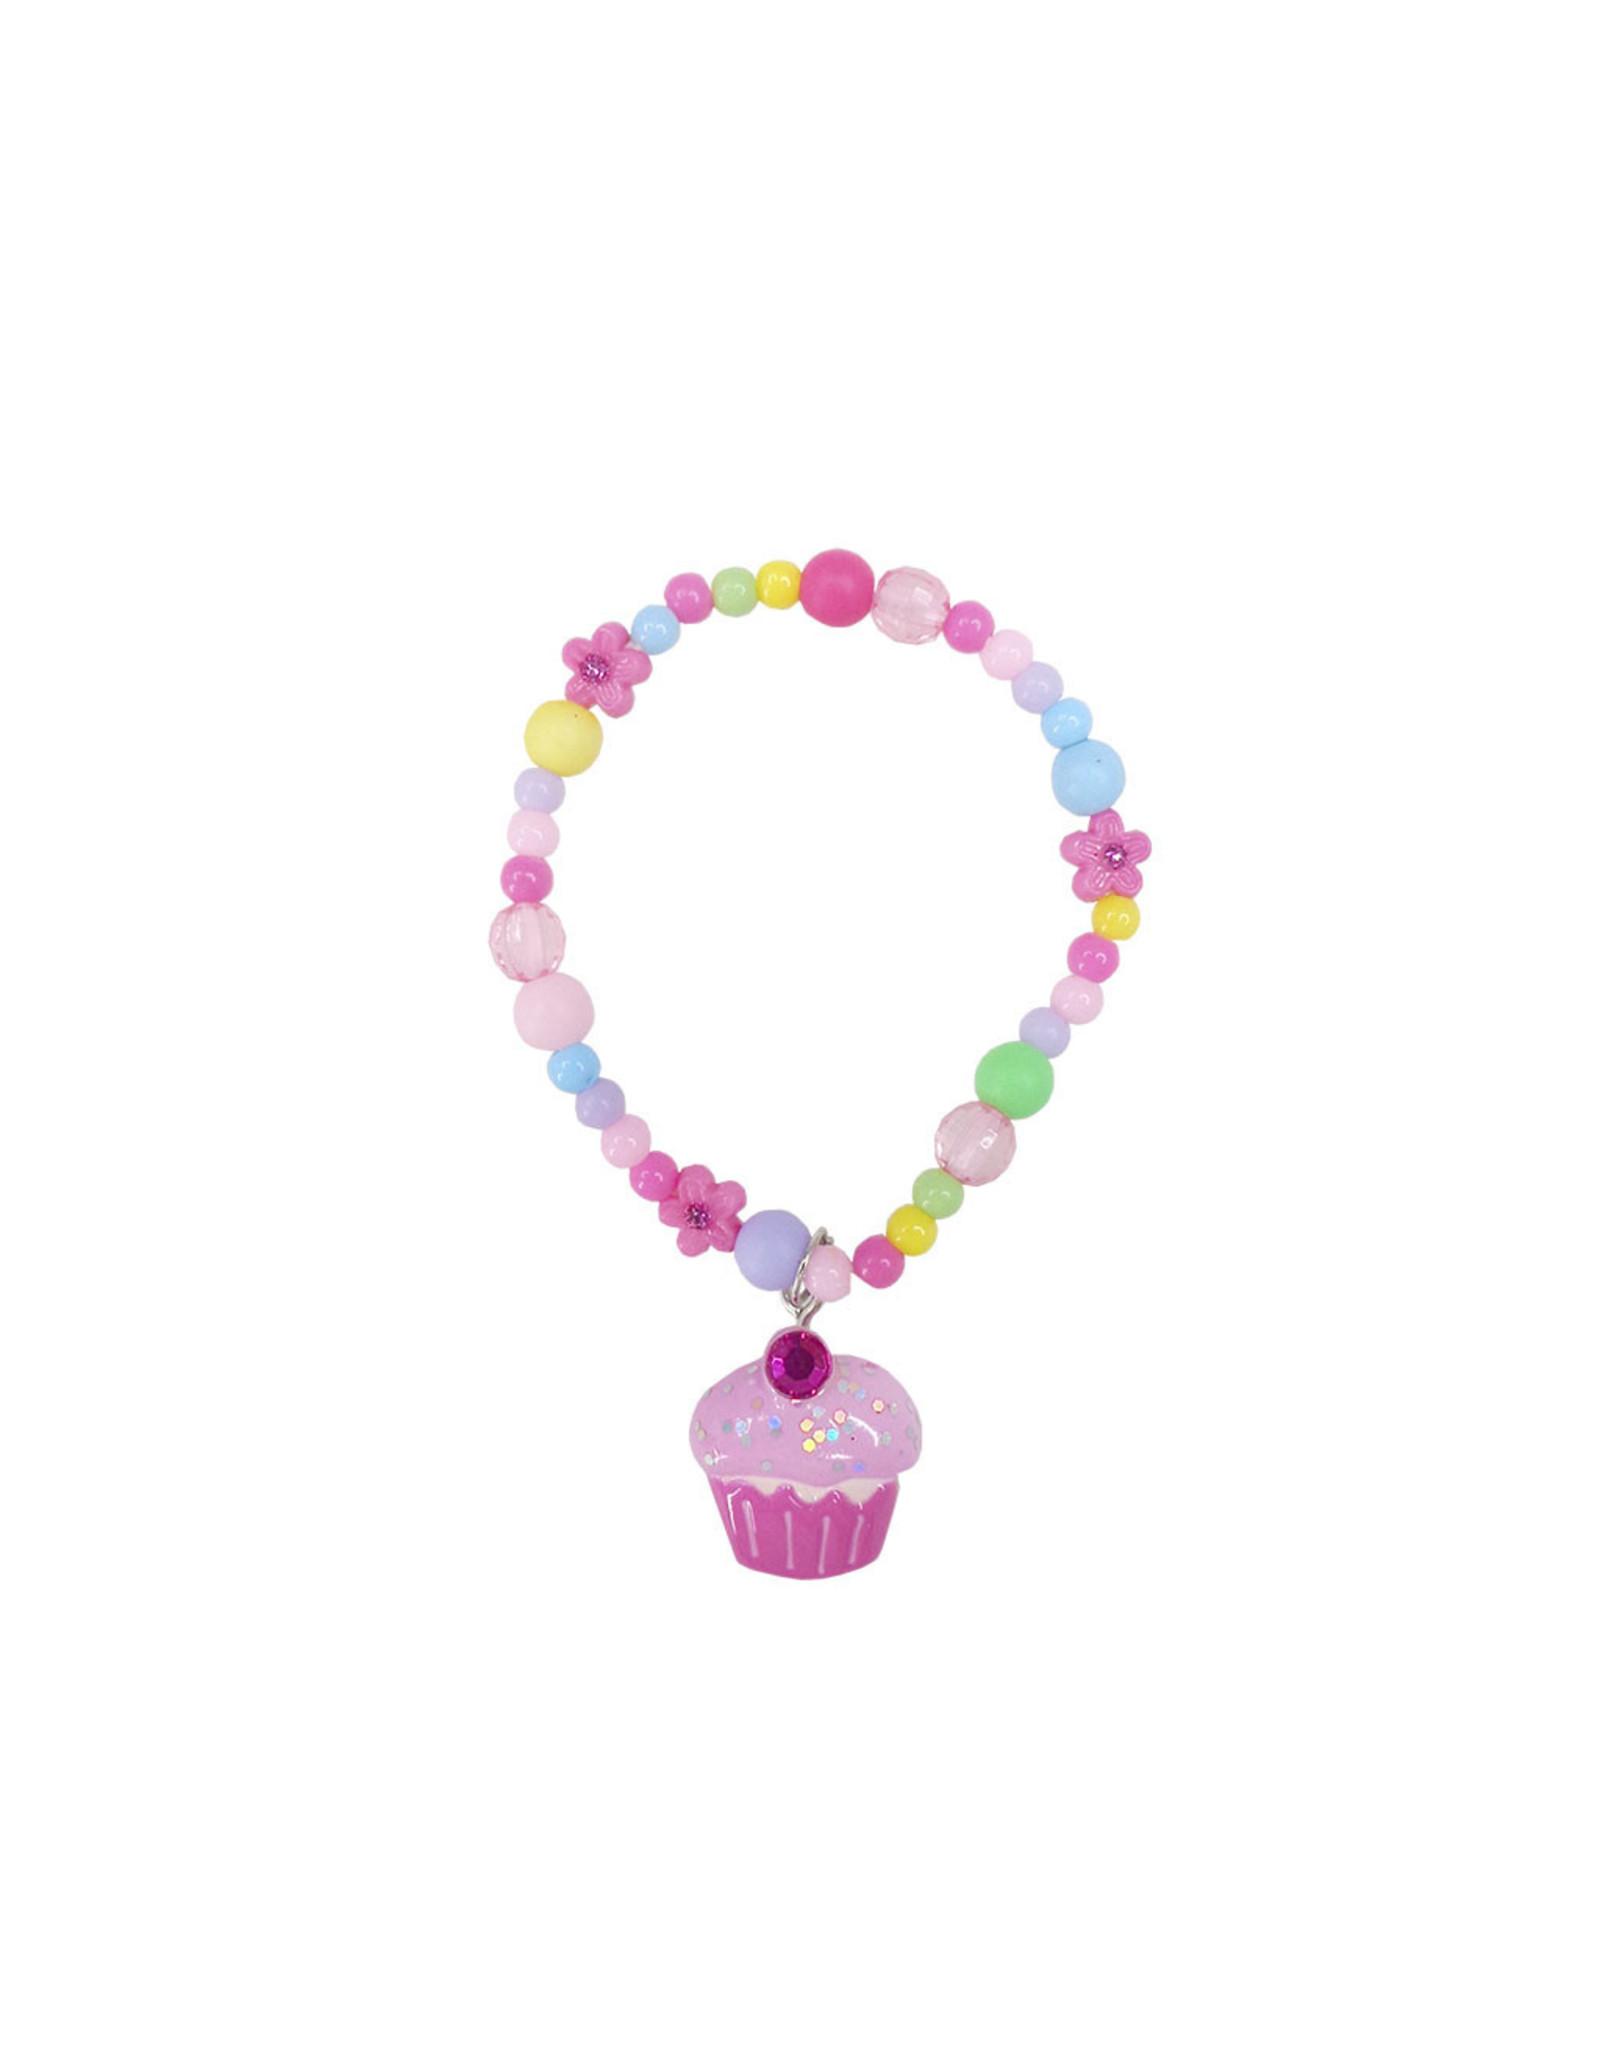 CREATIVE EDUCATION Cutie Cupcake Crunch Bracelet